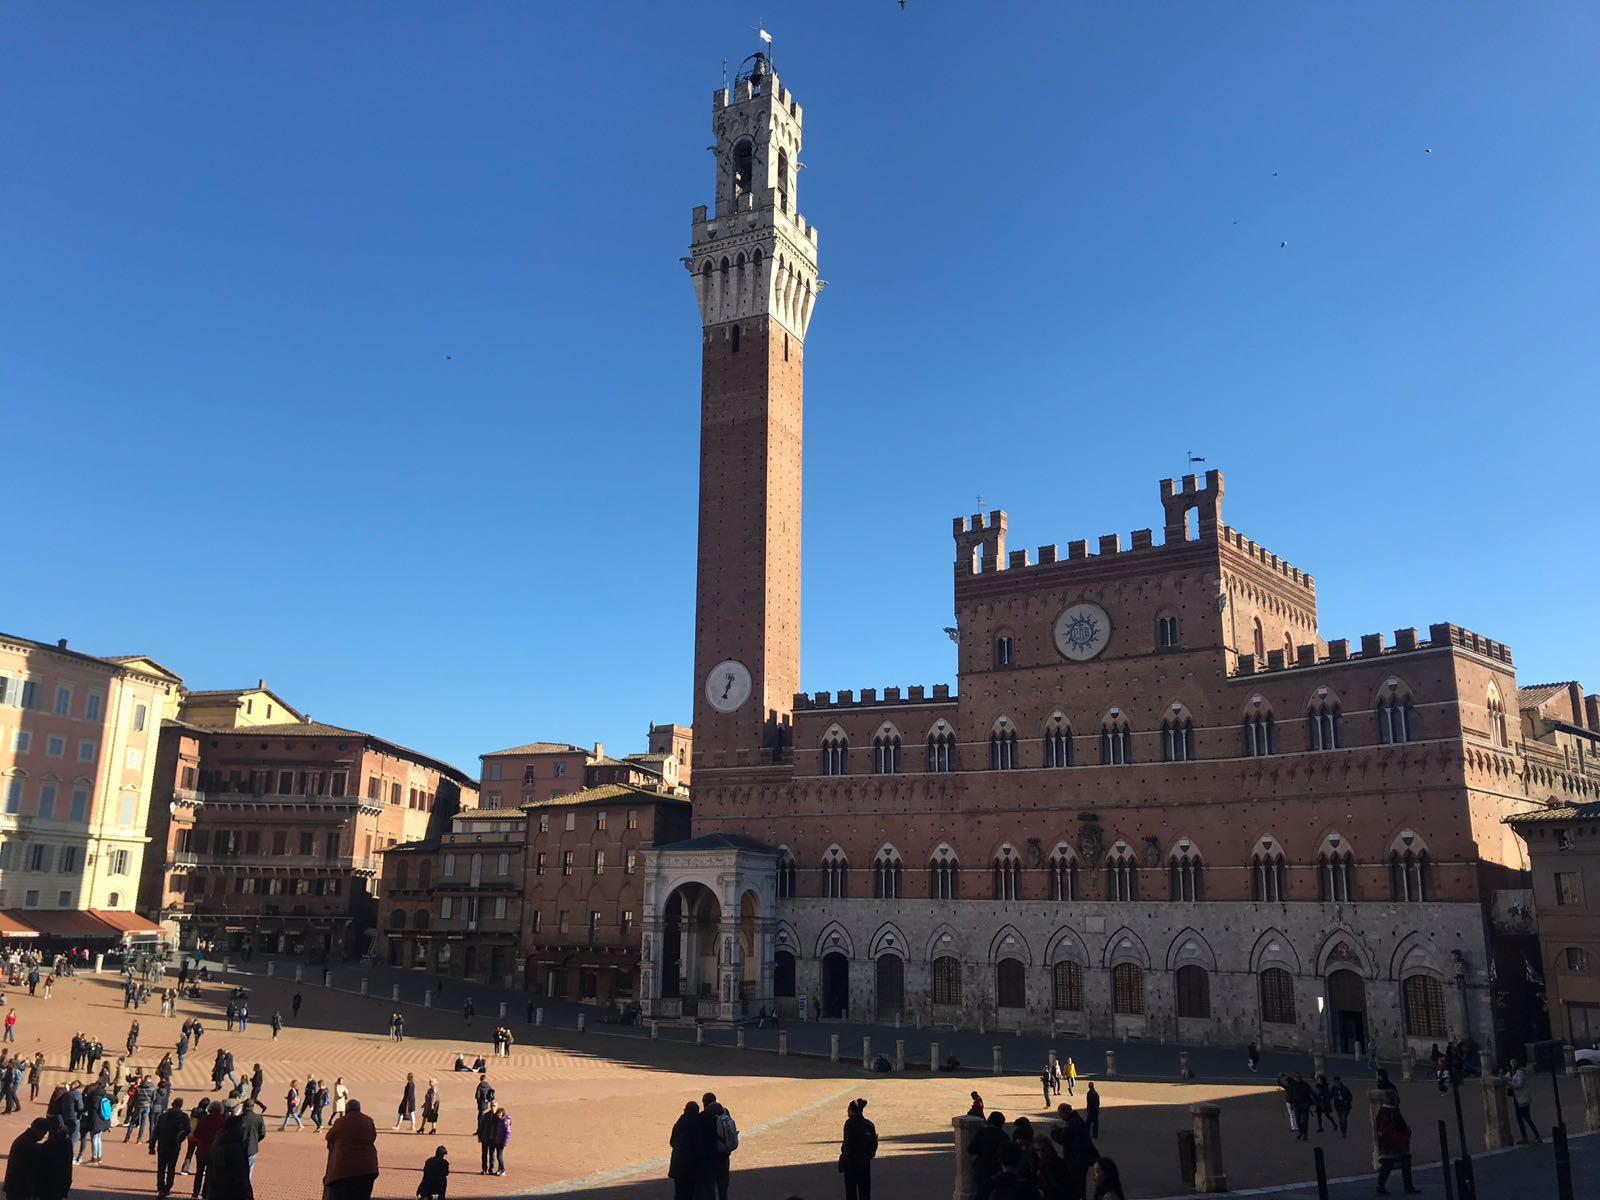 Palazzo del Pubblico in the sunshine showing the Piazza del Campo in front